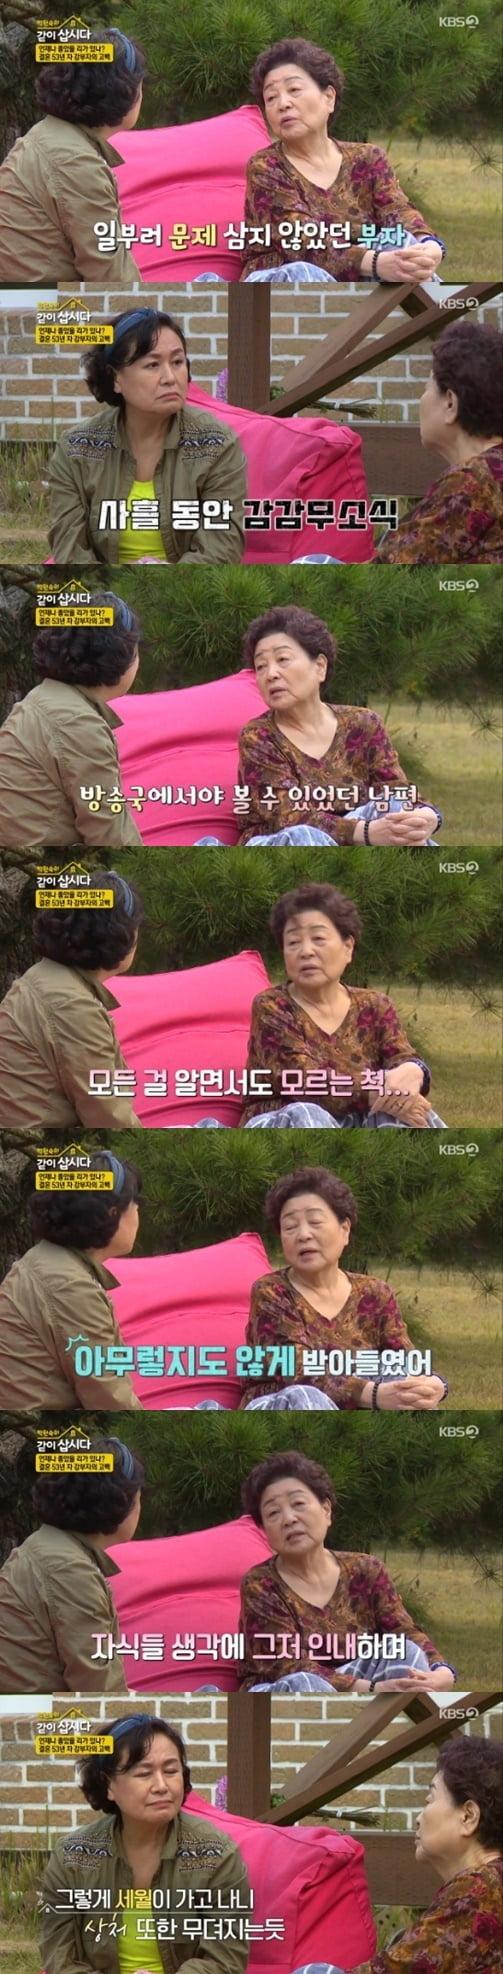 '박원숙의 같이 삽시다'(사진=KBS)